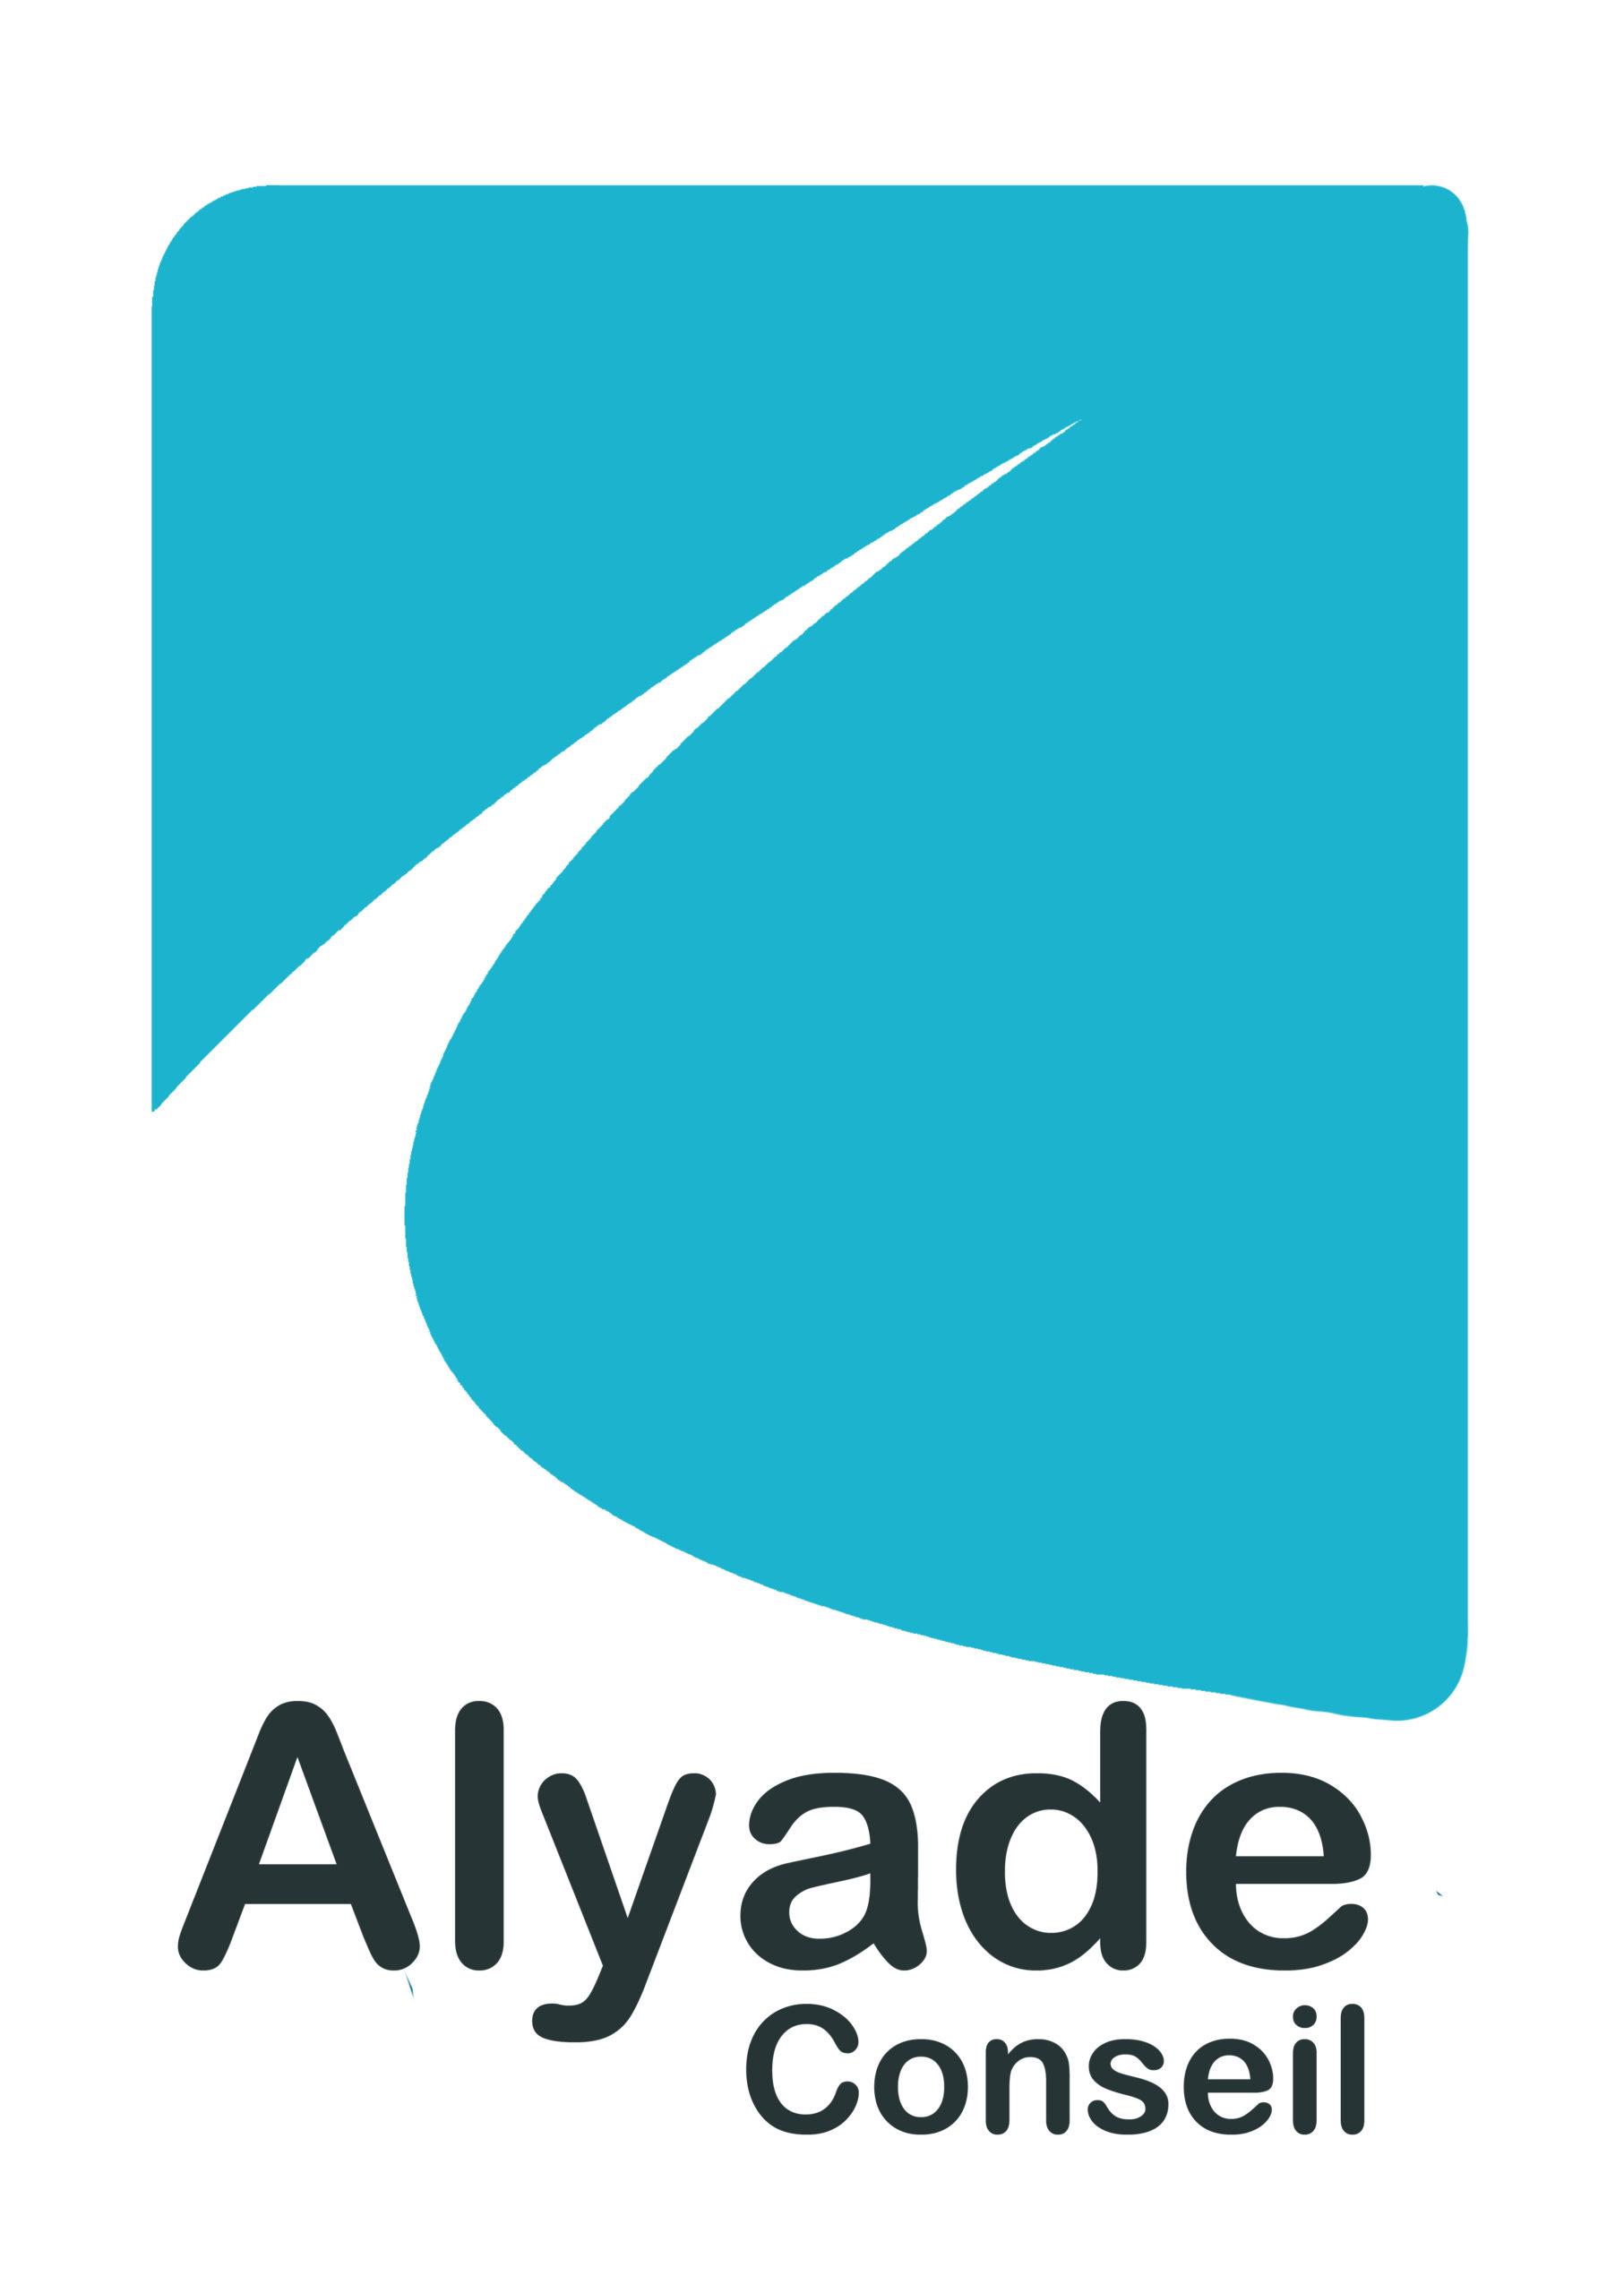 logo-alyade-conseil